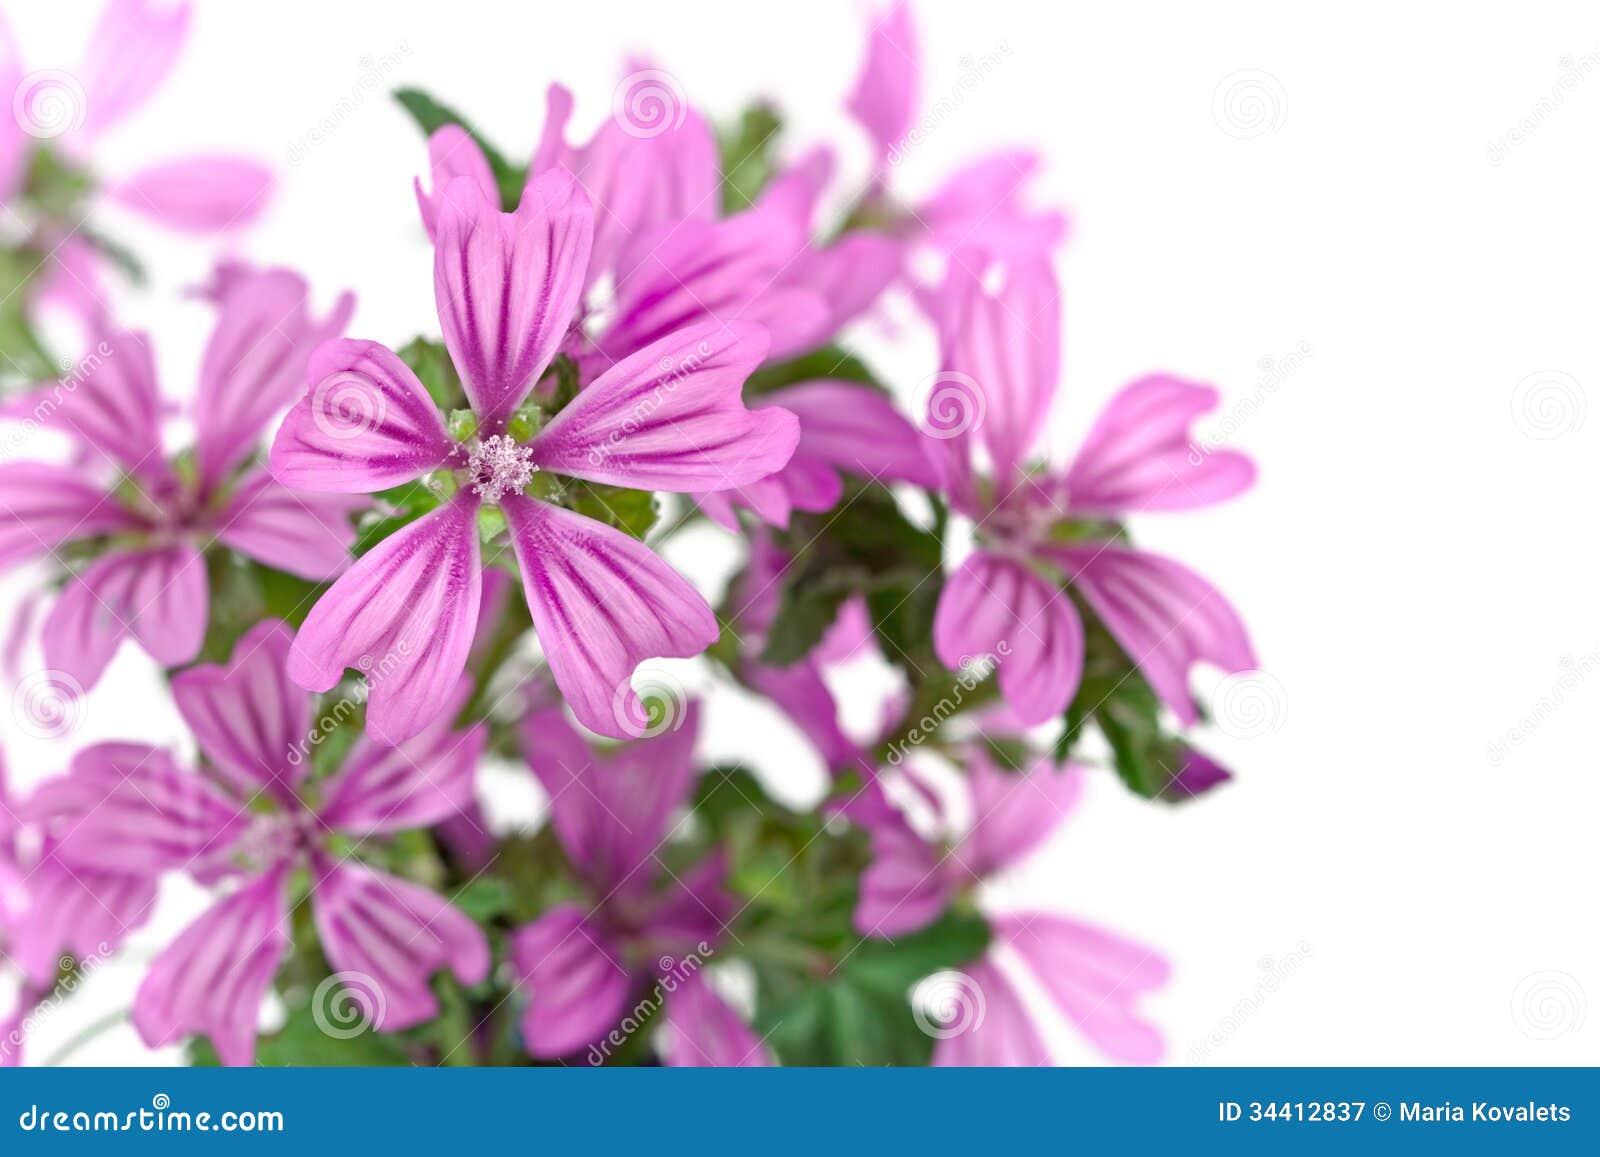 Fleurs violettes sauvages image stock. Image du bouquet - 34412837